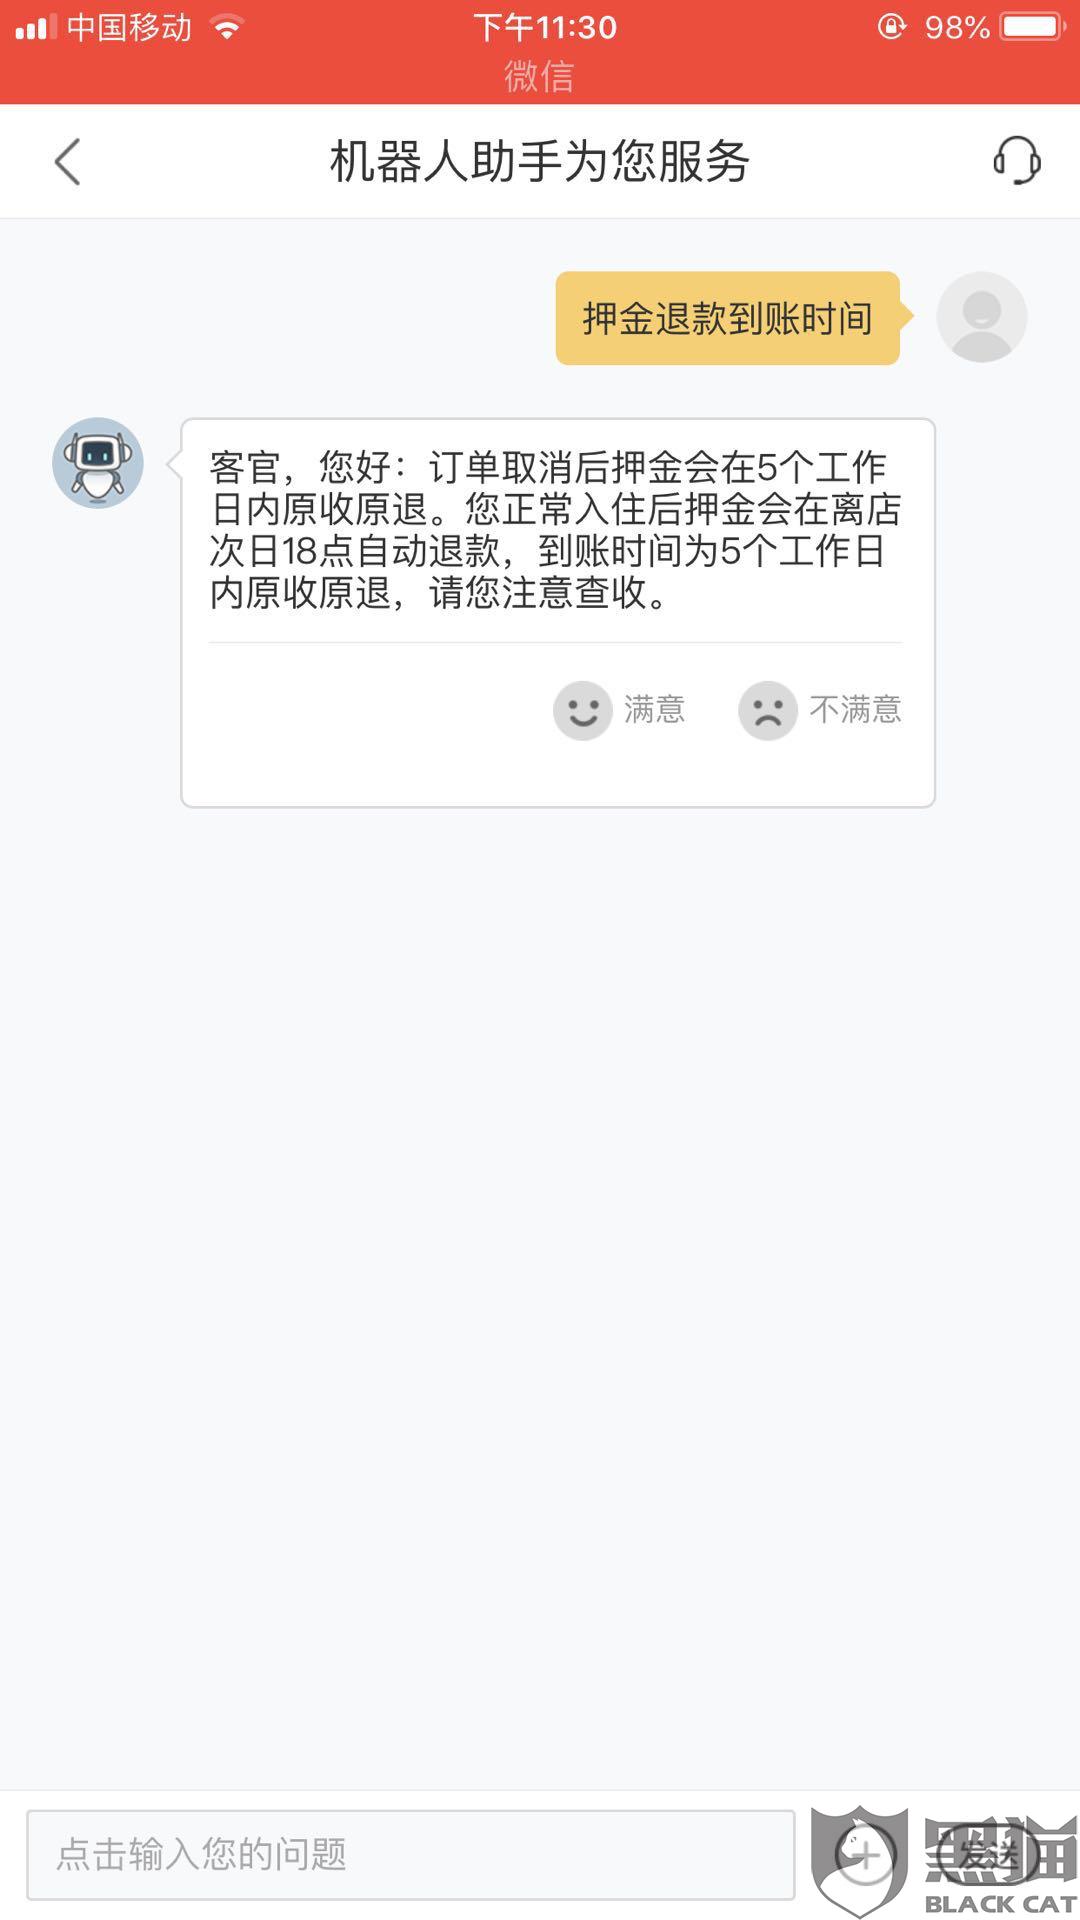 黑猫投诉:商家名:长沙佳家民宿湘雅附二店,我出行前十几天取消订单不退款